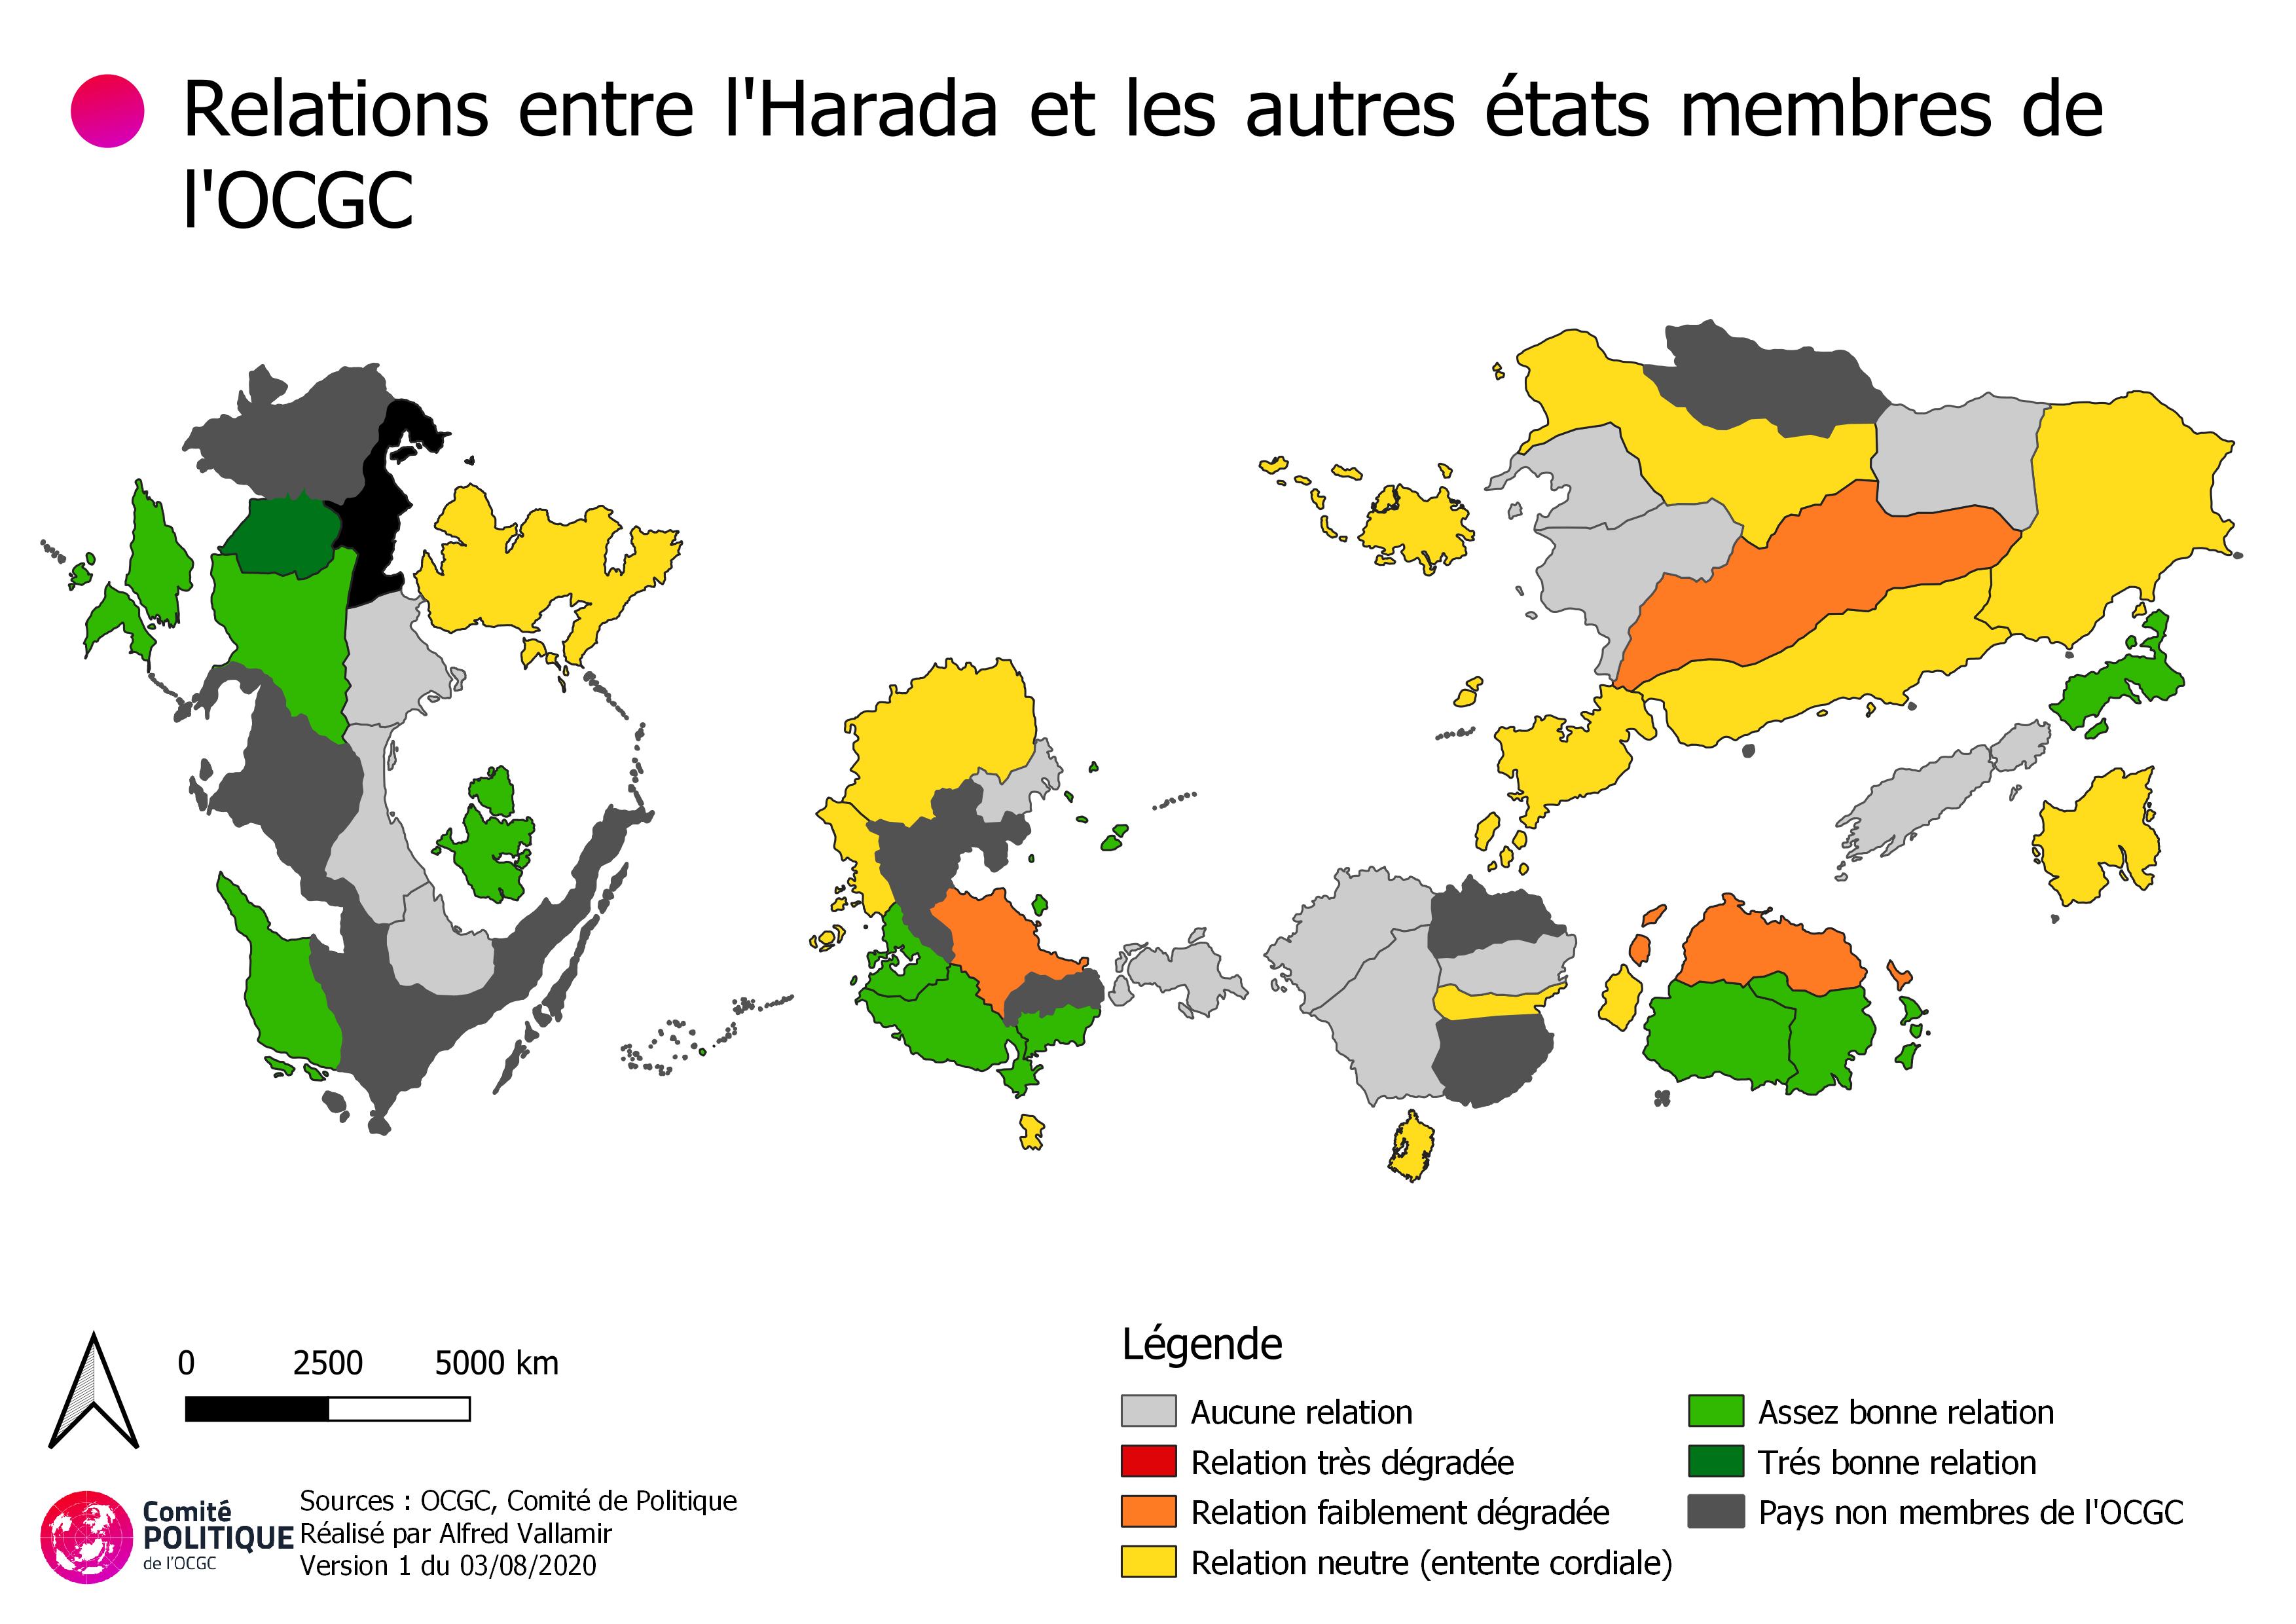 Atlas du comité de politique - L'édition 2021 disponible ! - Page 4 ComPol_Rel_Bil_Harada